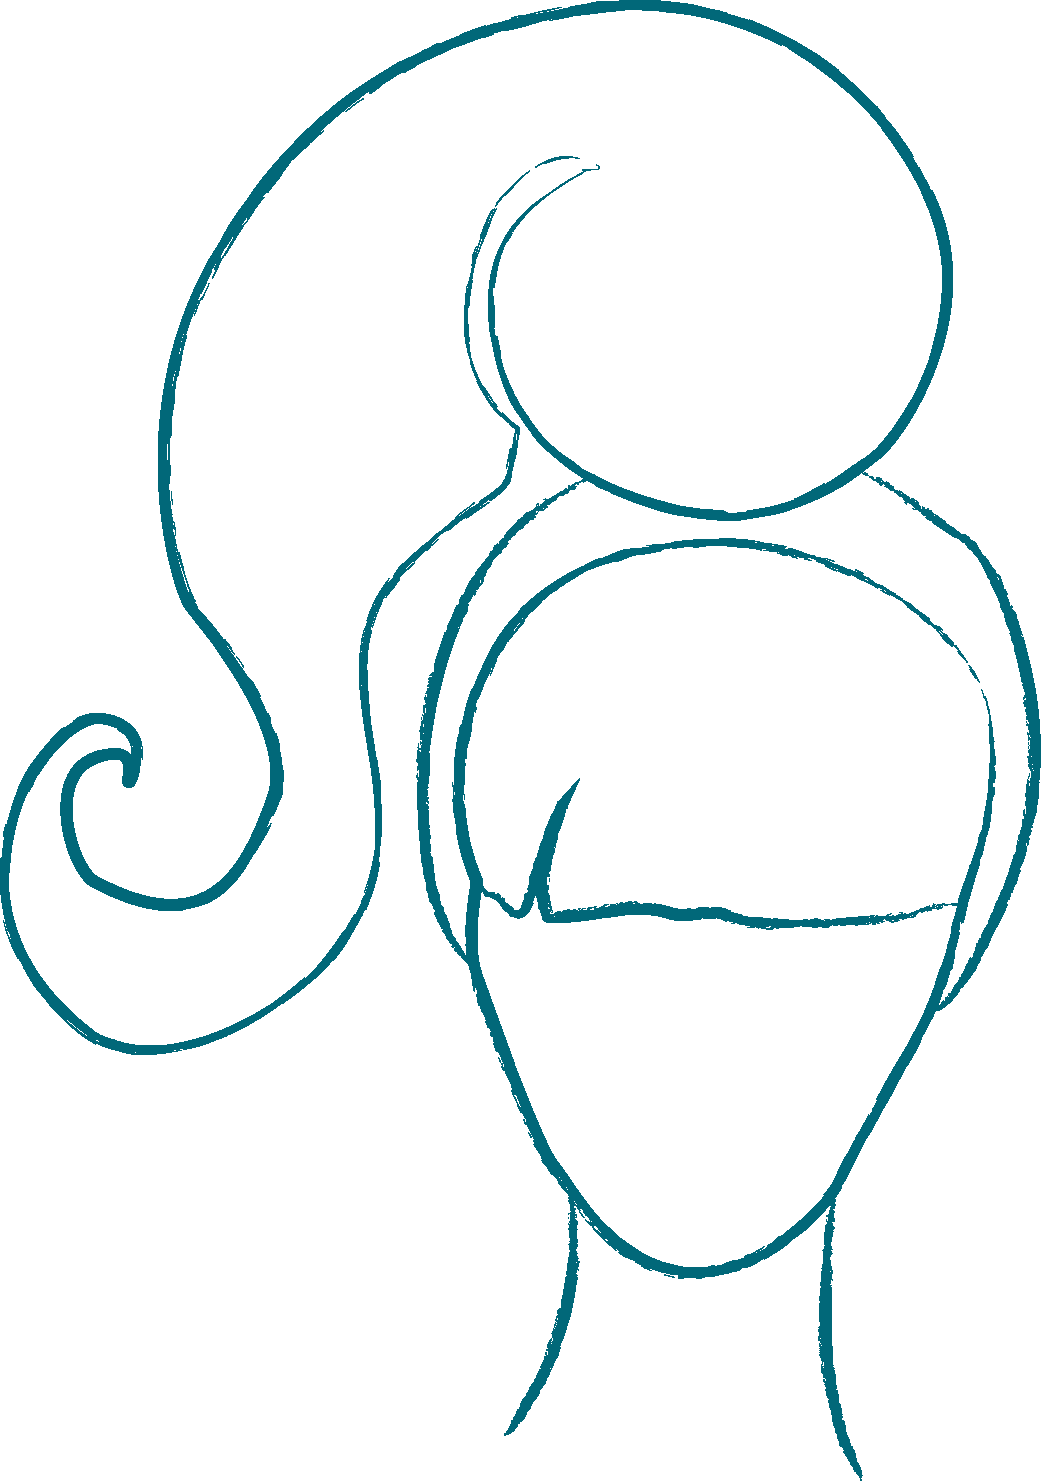 dessin du portrait de lucille hoffman